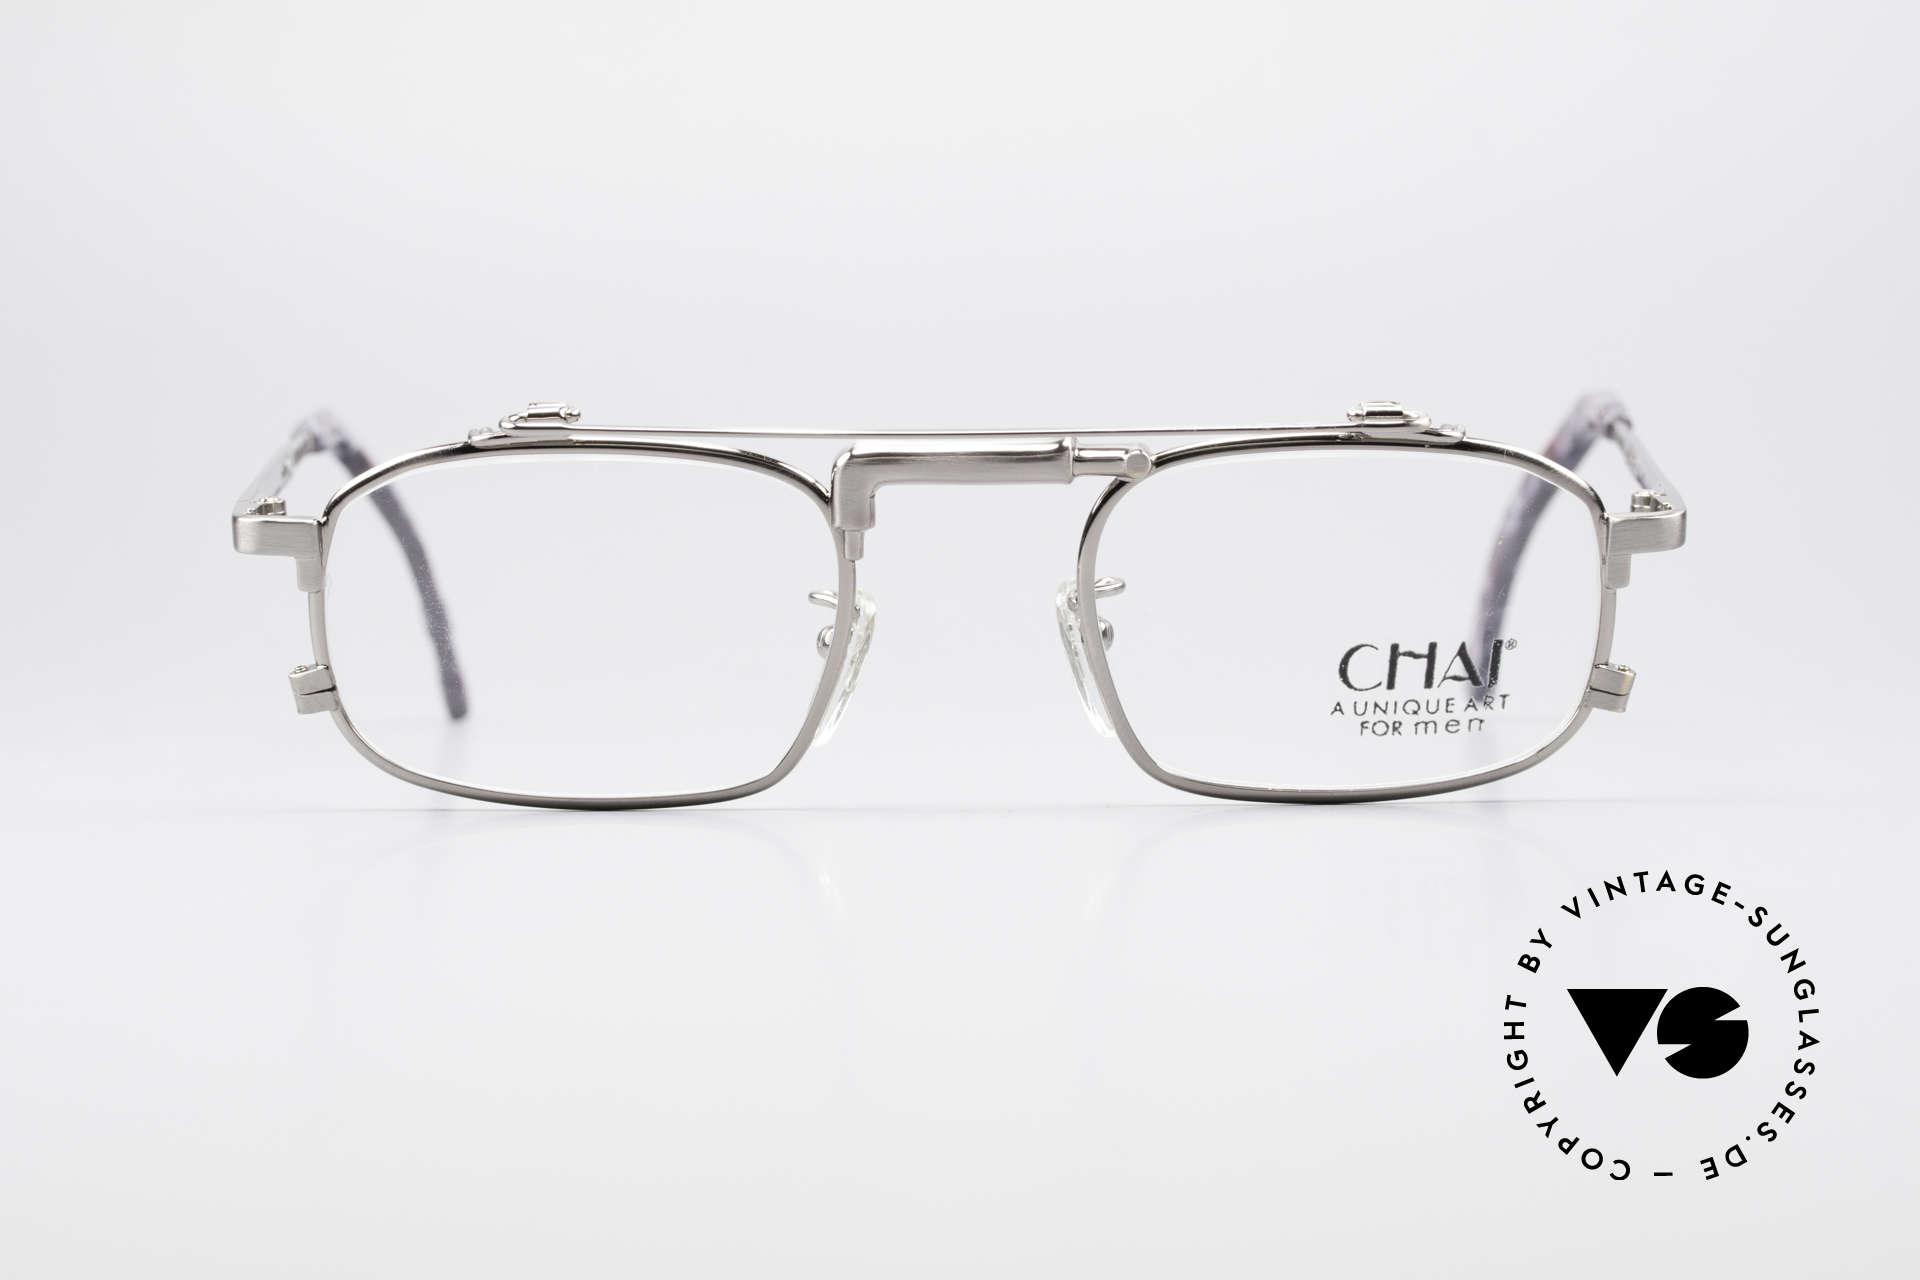 Chai No4 Square Industrial Vintage Brille 90er, Design der Brücke erinnert an einen Wasserhahn, Passend für Herren und Damen